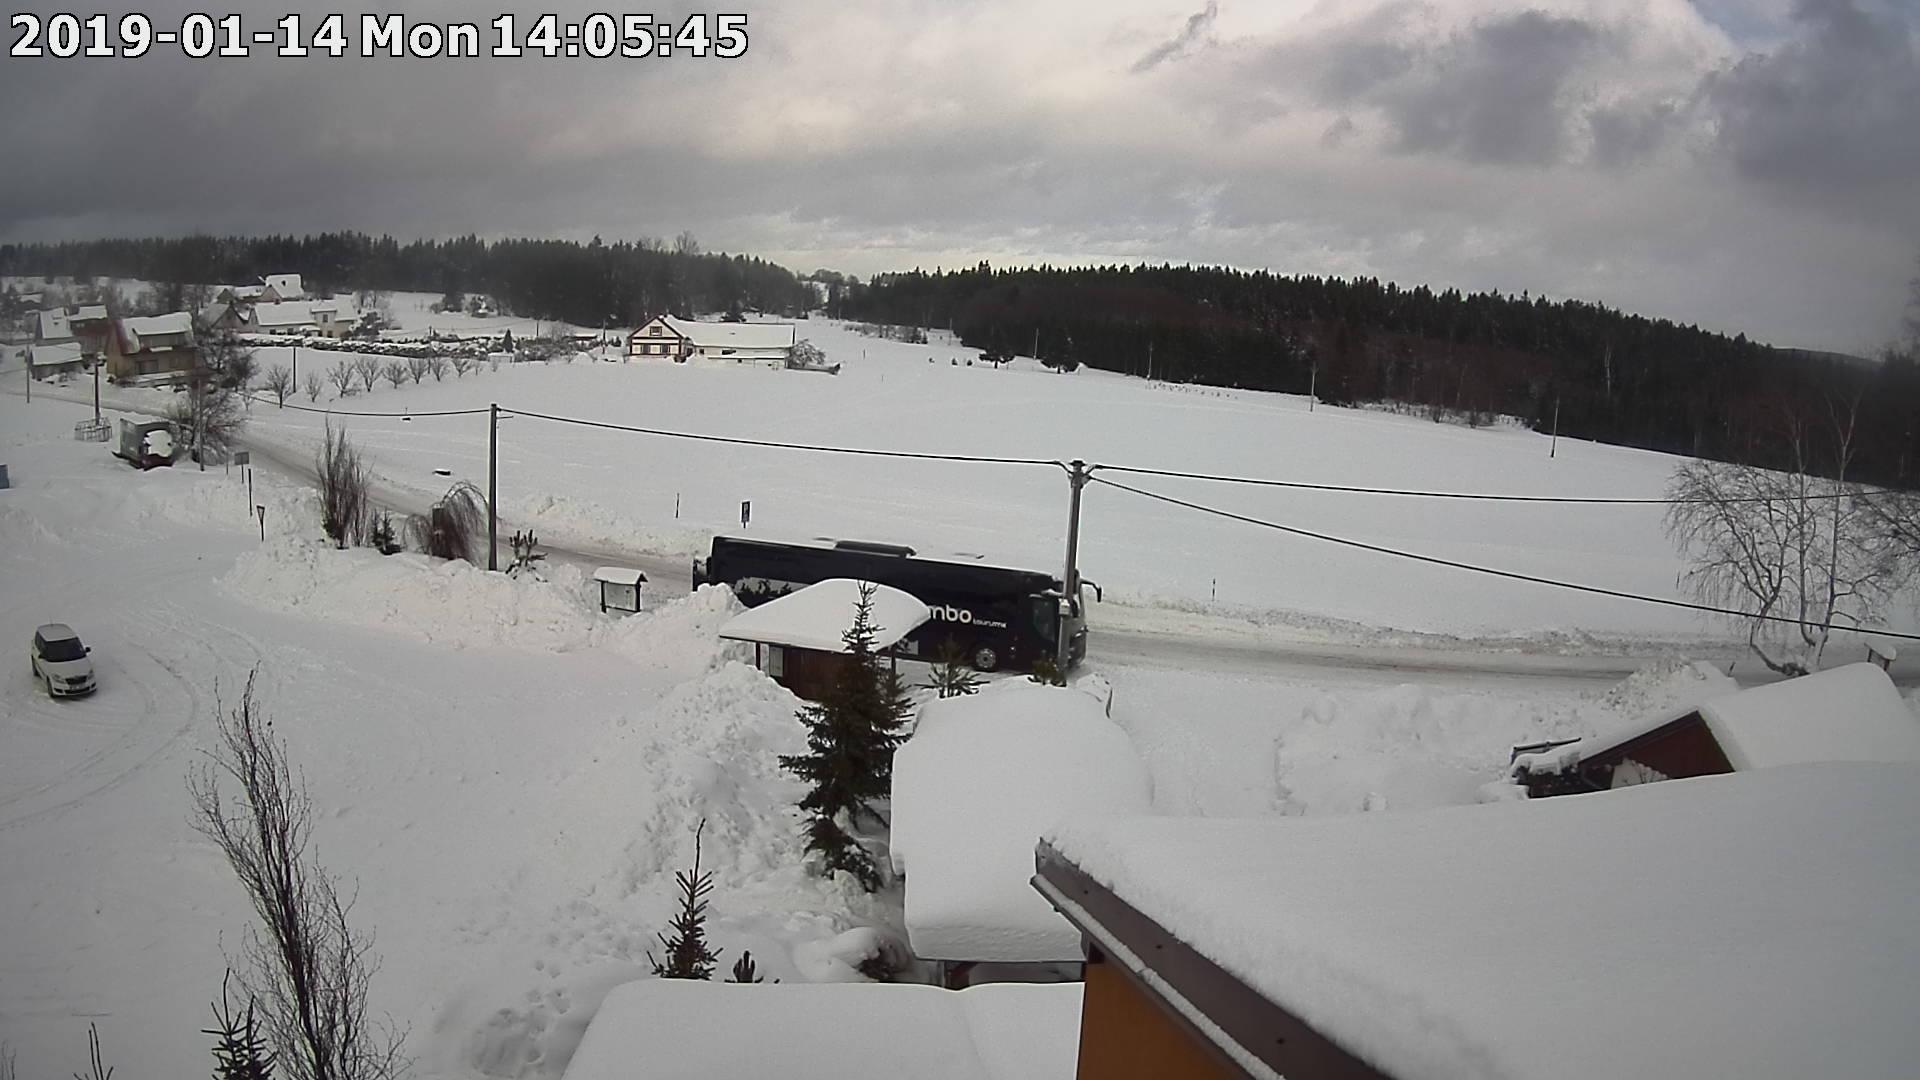 Webkamera ze dne 2019-01-14